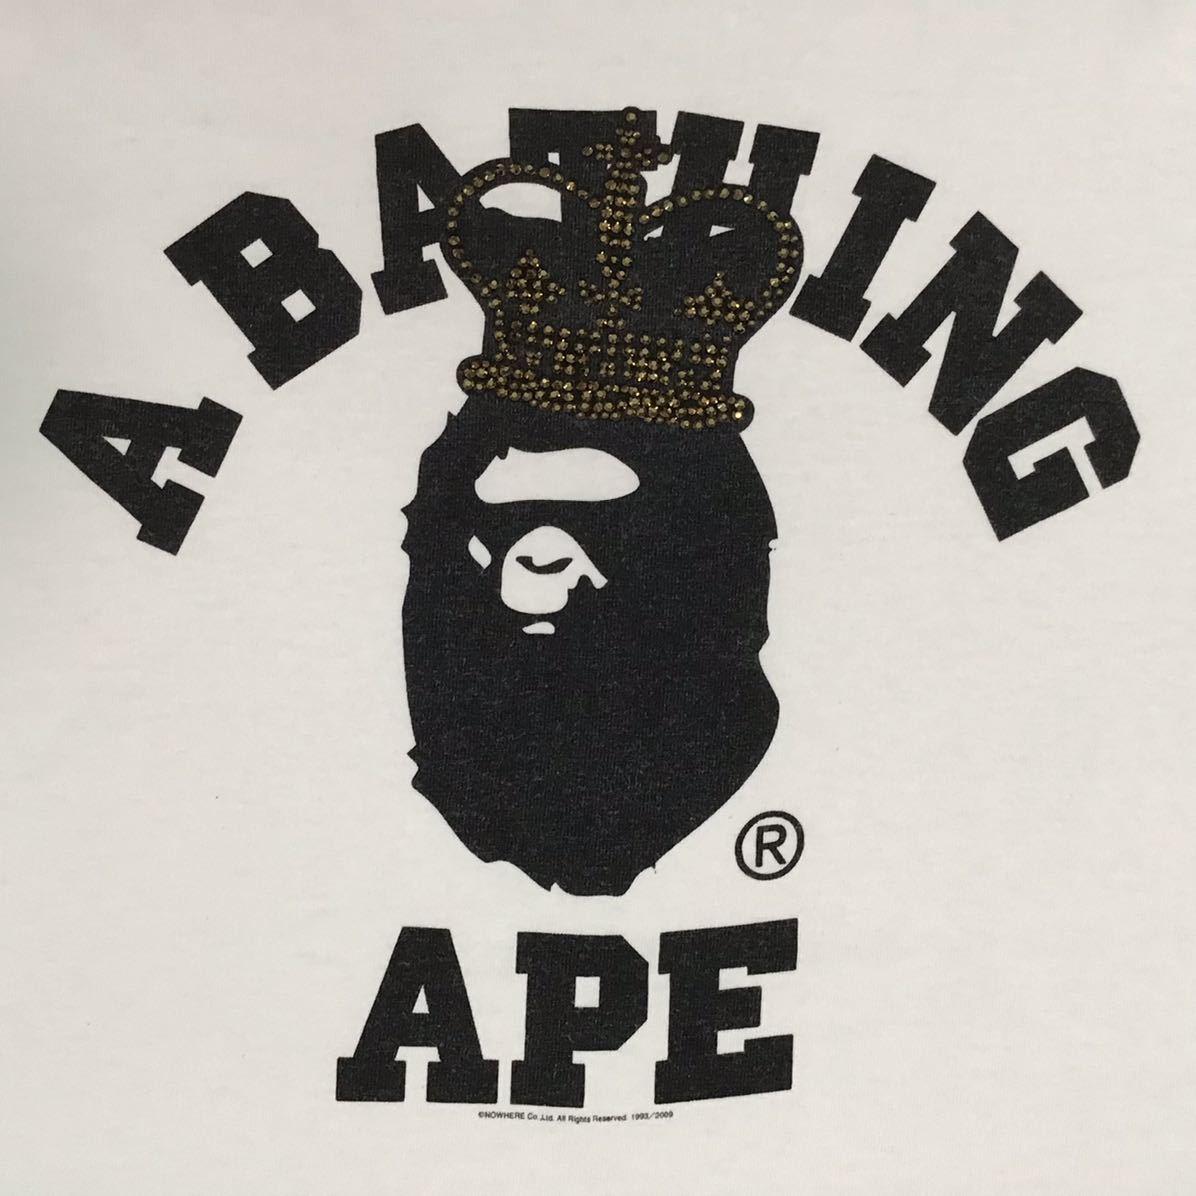 Gold スワロフスキー クラウン カレッジロゴ Tシャツ Lサイズ 王冠 crown a bathing ape bape エイプ ベイプ swarovski ラインストーン ea6